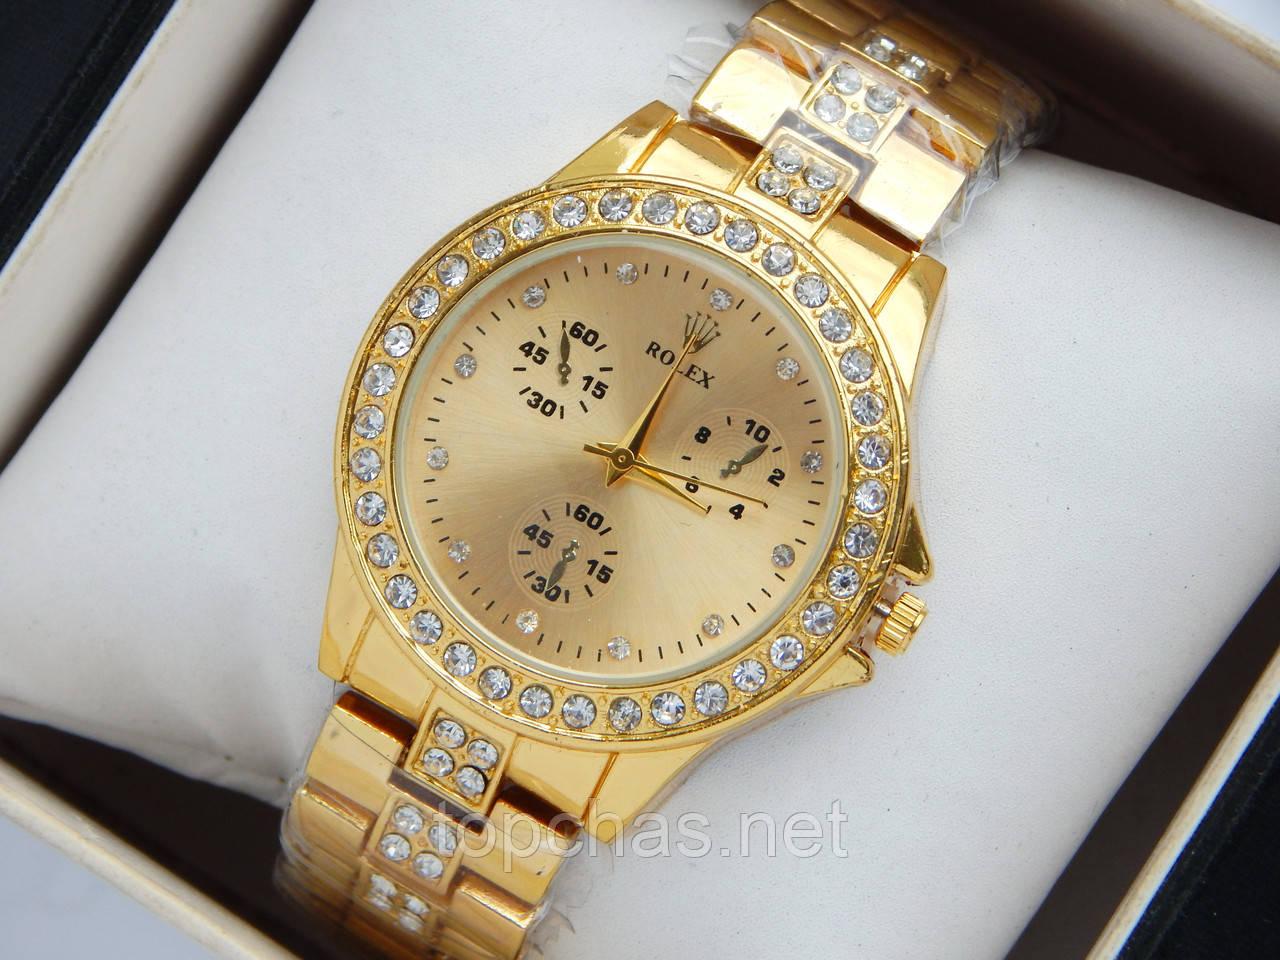 Женские кварцевые наручные часы Rolex, золотистого цвета, со стразами на корпусе и браслете, фото 1